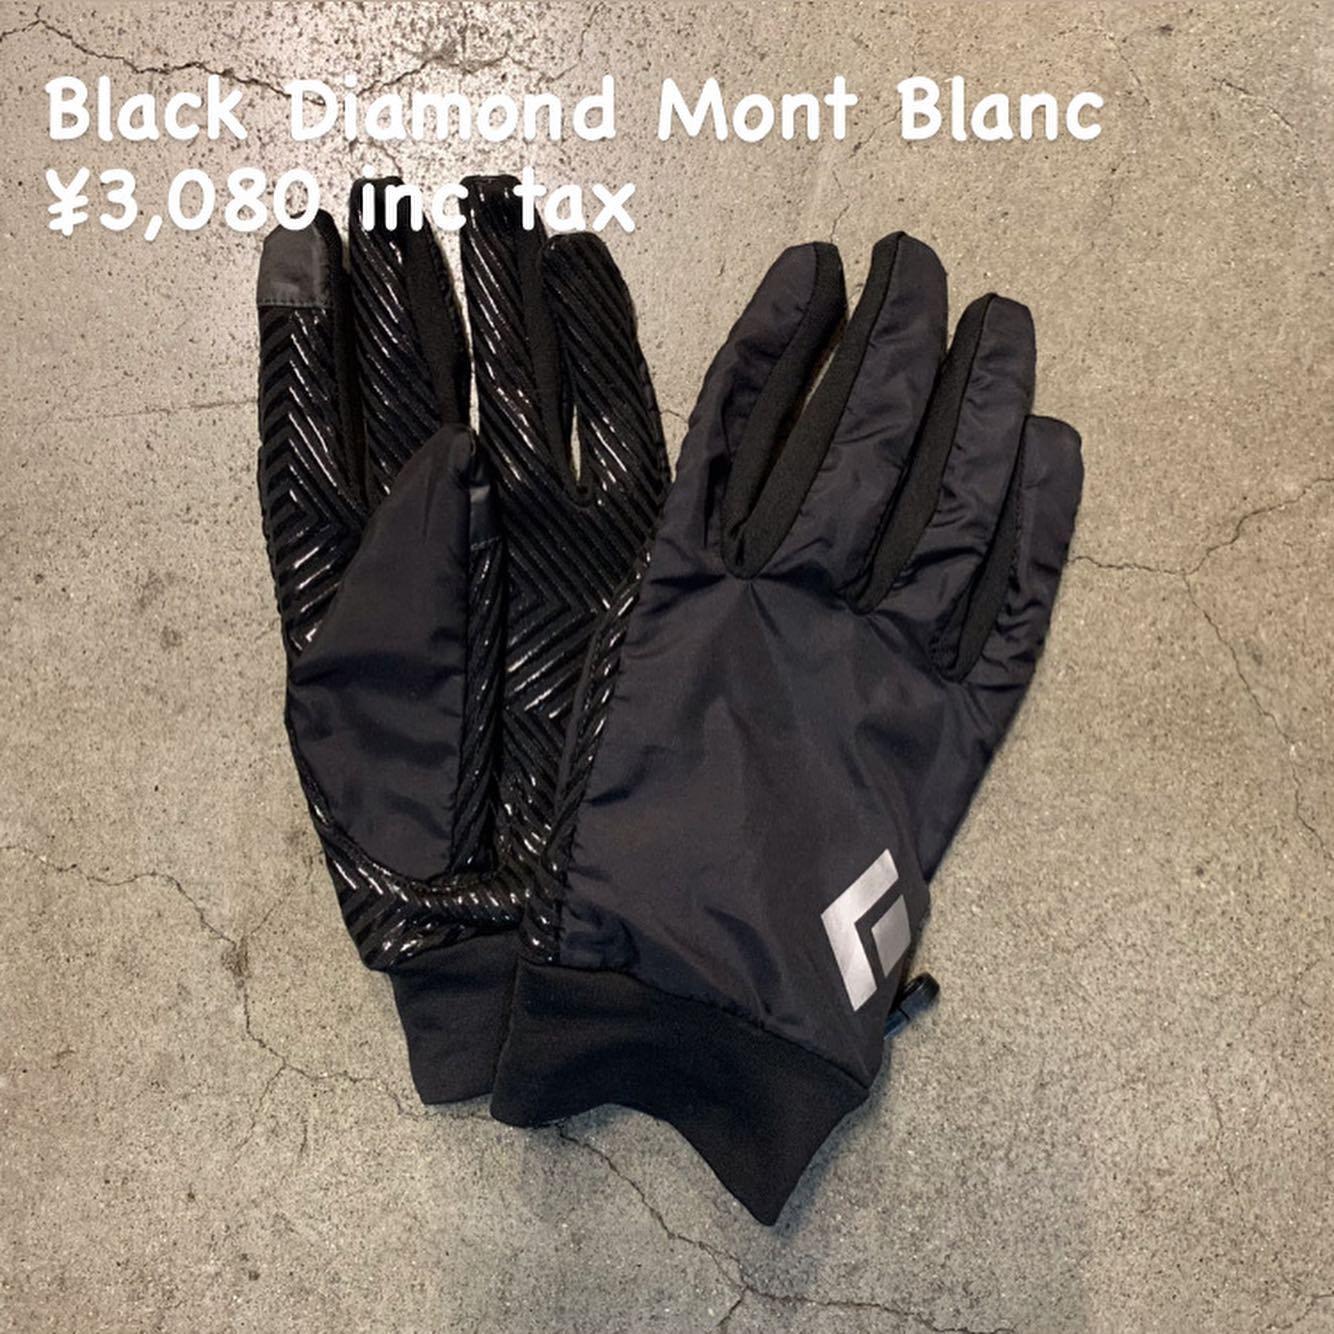 肌寒い時期のトレッキングに適したグローブ『Black Diamond モンブラン』のご紹介